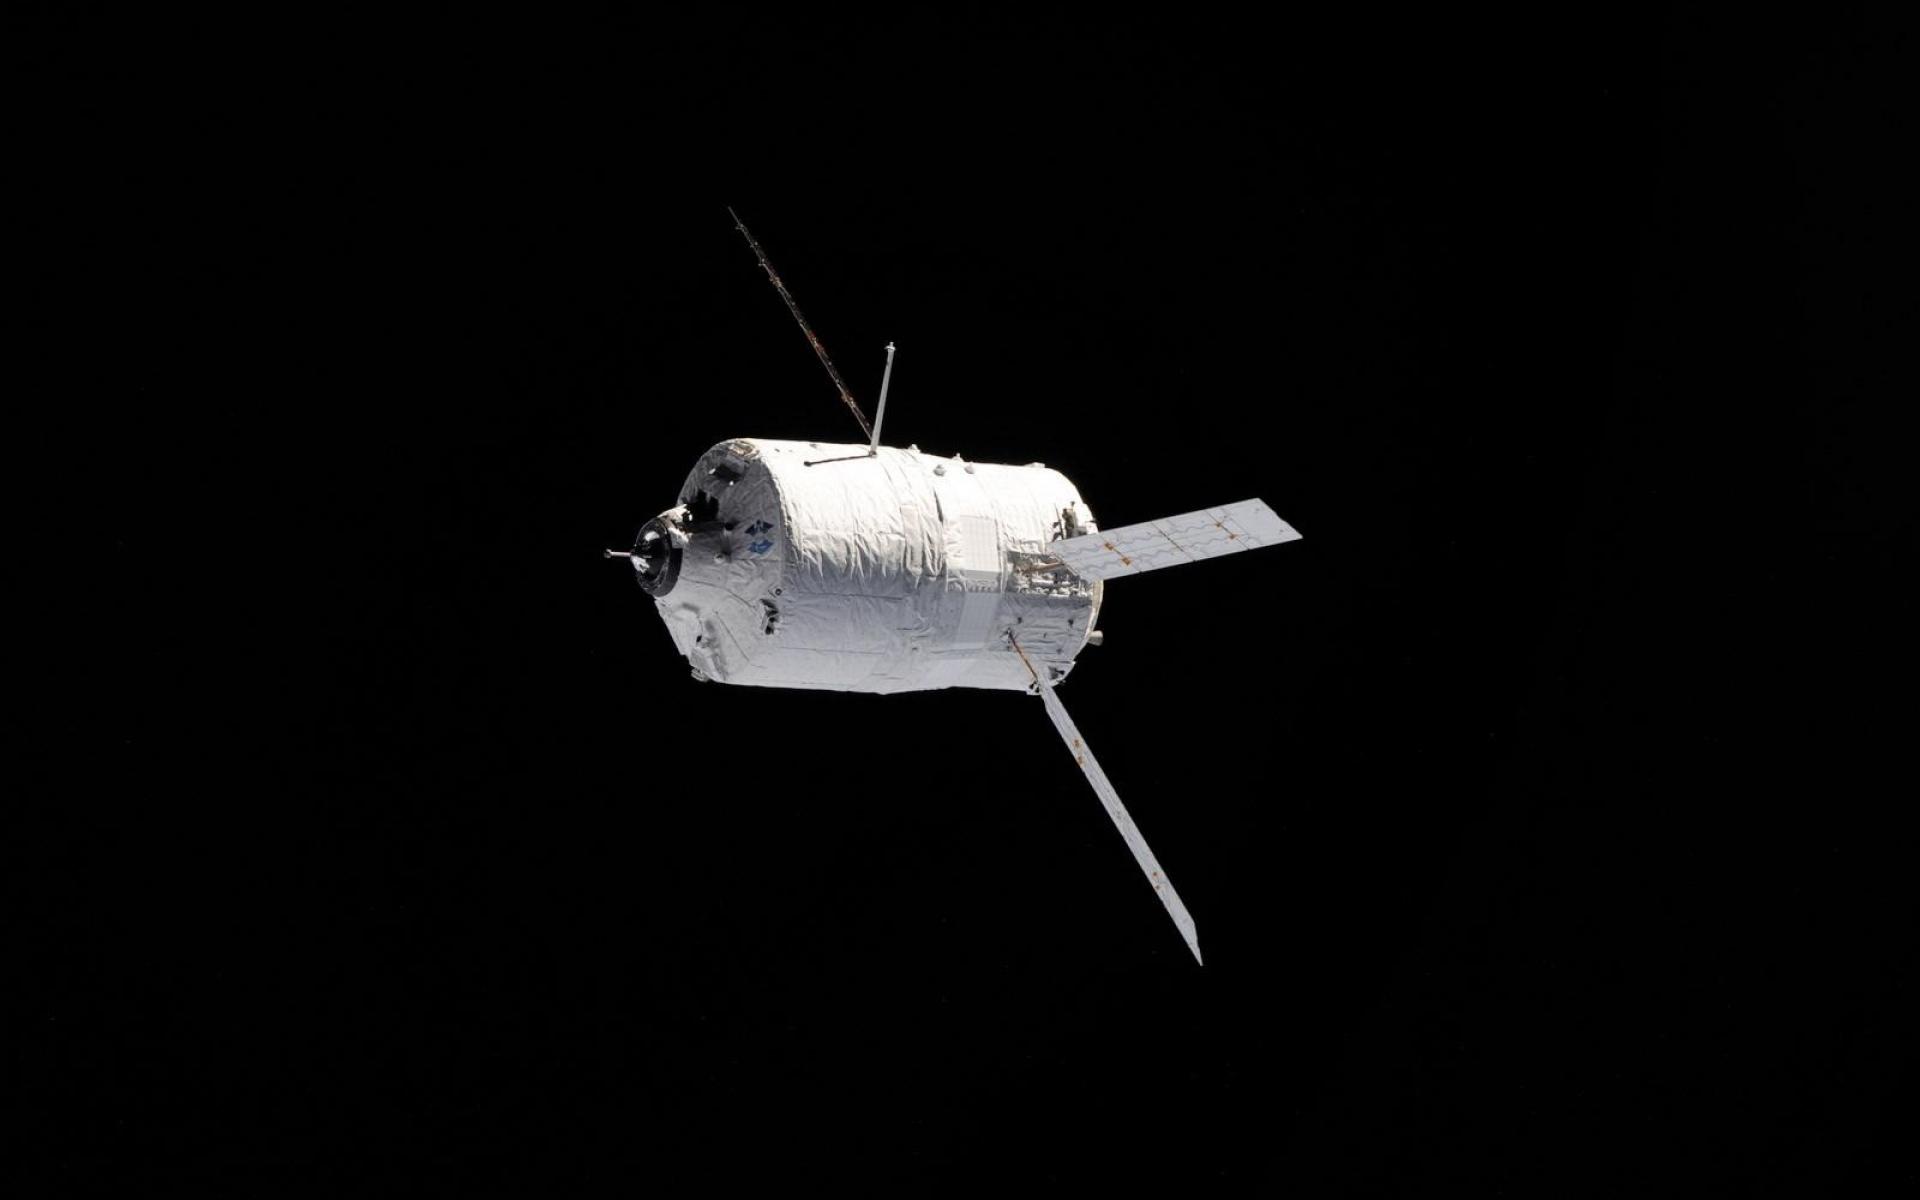 Картинки Беспилотный грузовой корабль, космос, полет фото и обои на рабочий стол